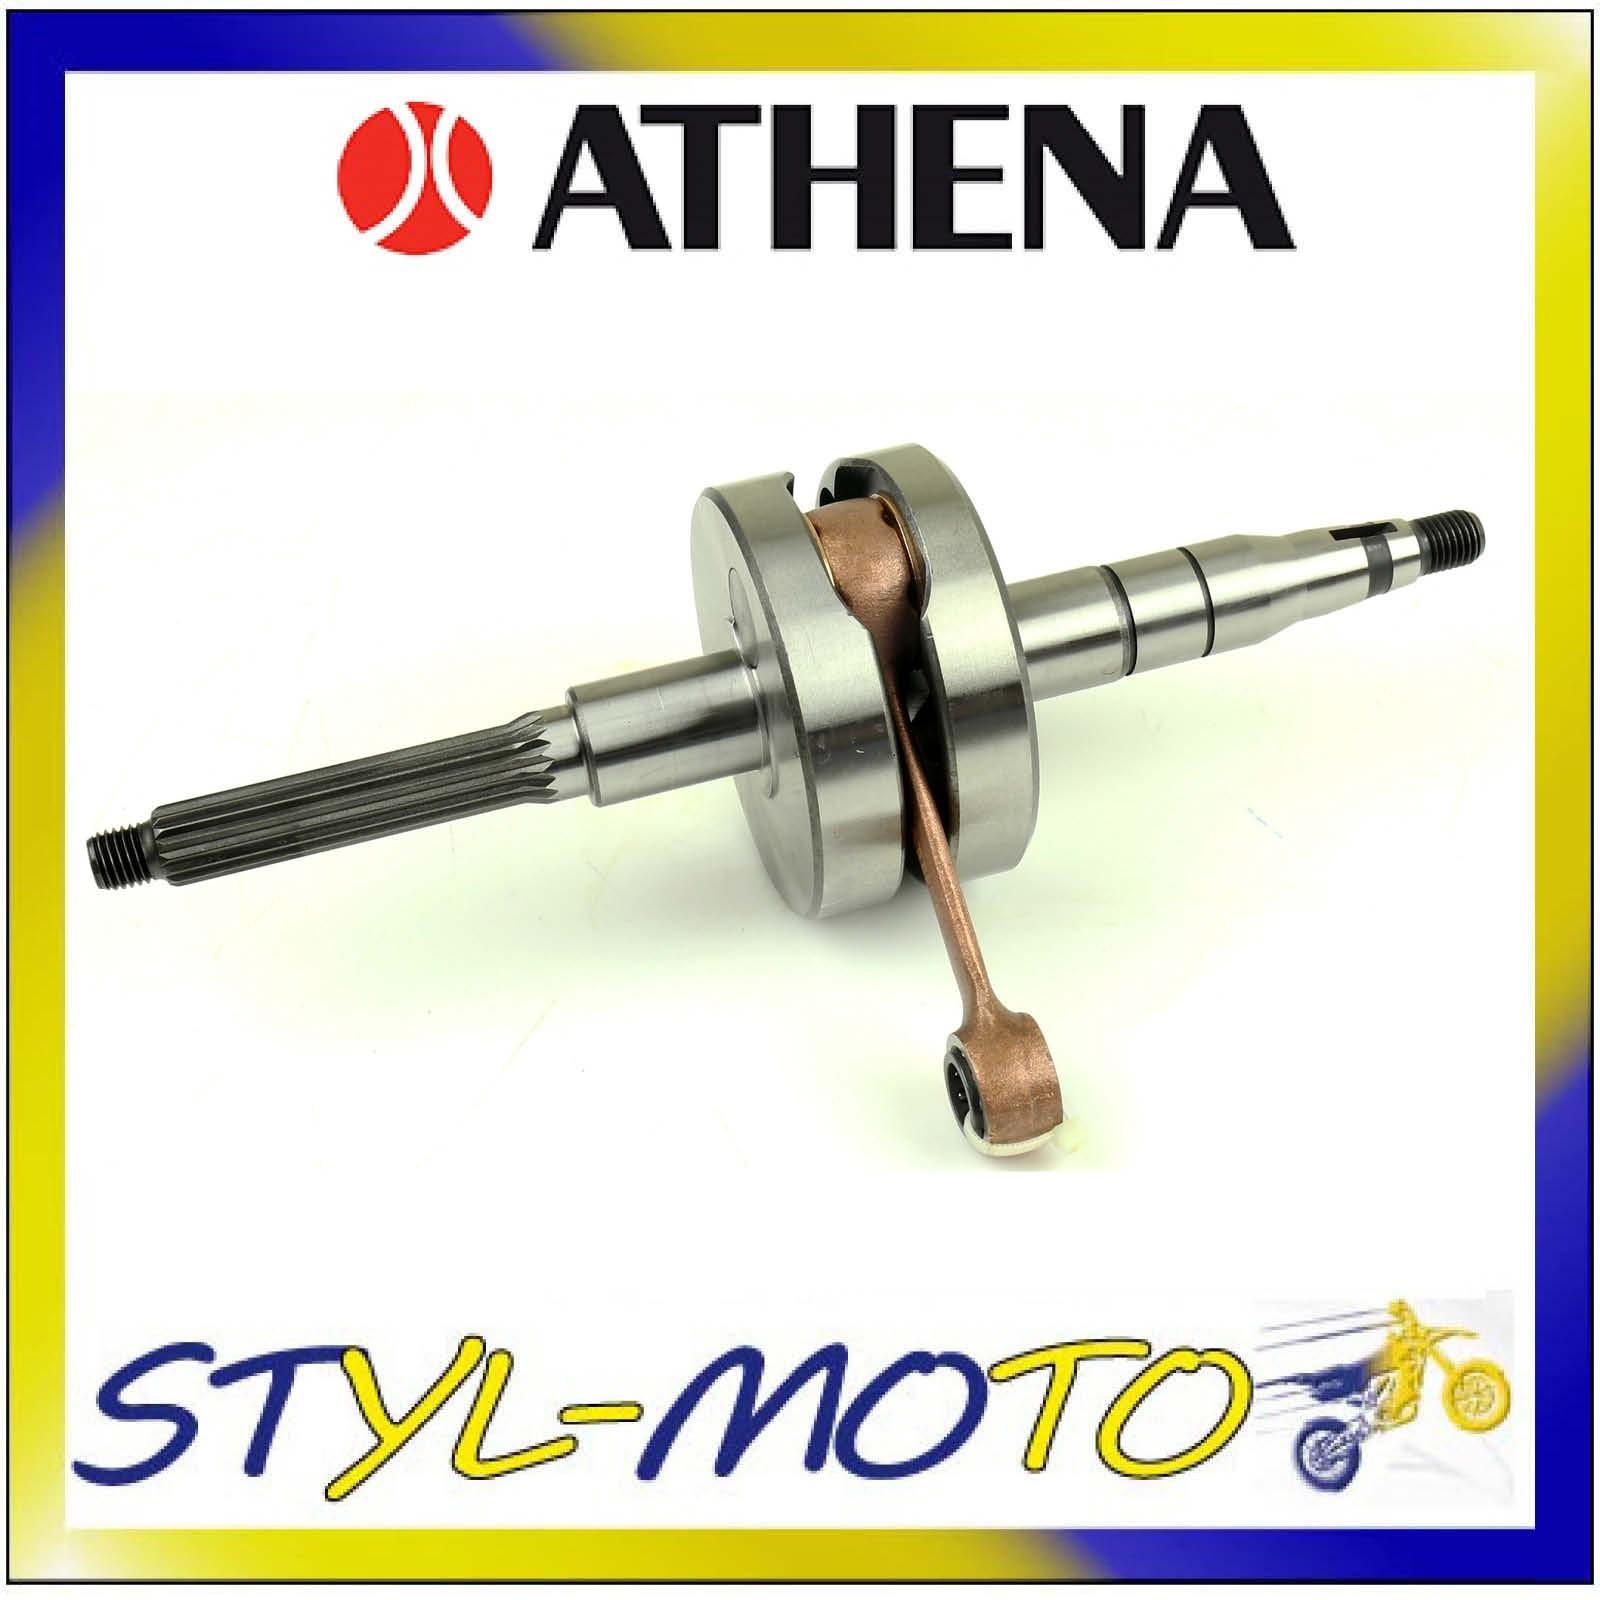 ATHENA ALBERO MOTORE RACING CON PISTONE Ø 10 MALAGUTI F12 PHANTOM 50 2003-2004